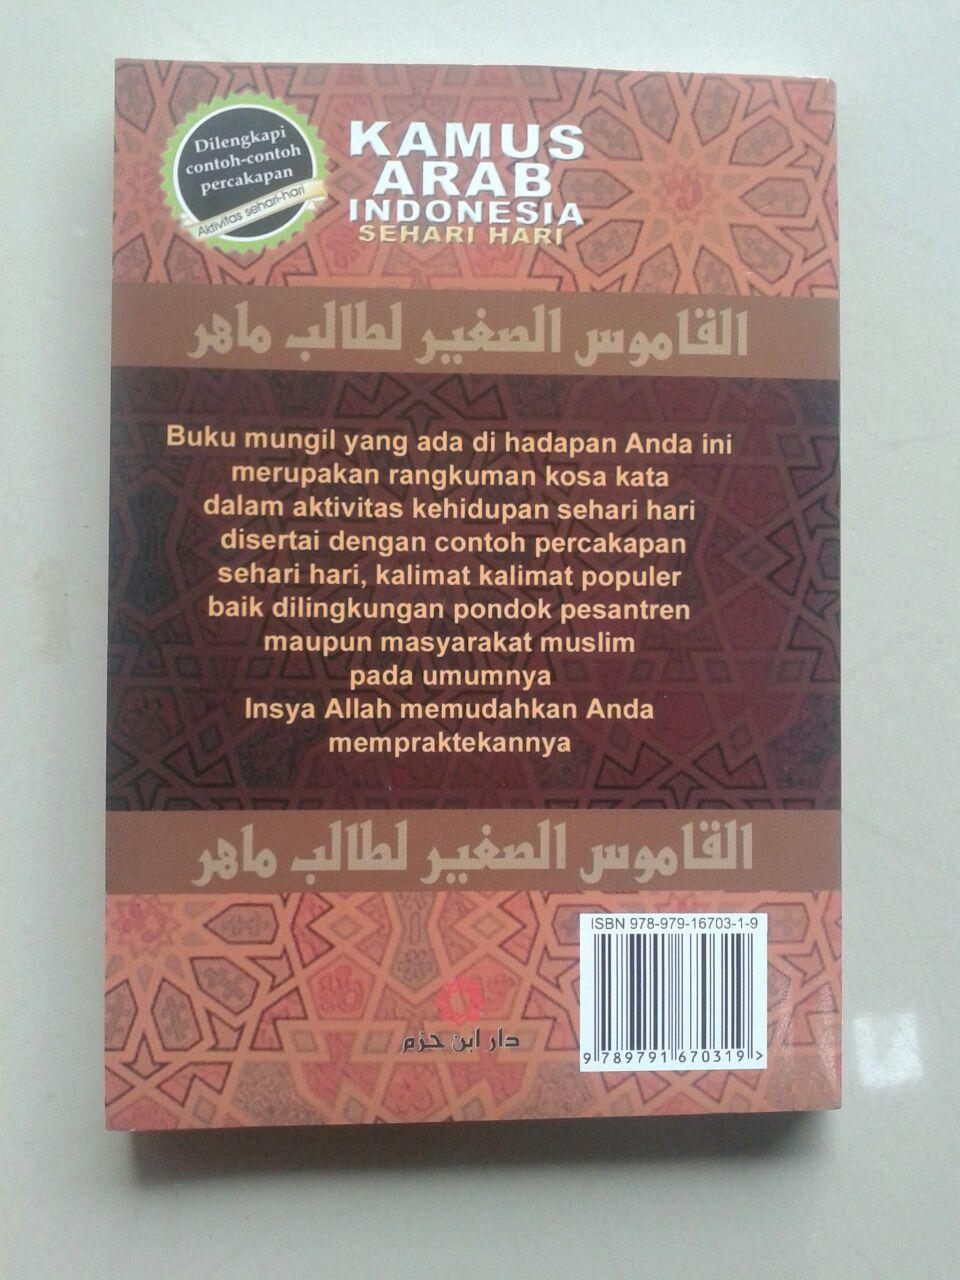 Kamus Arab Indonesia Sehari-Hari cover 2